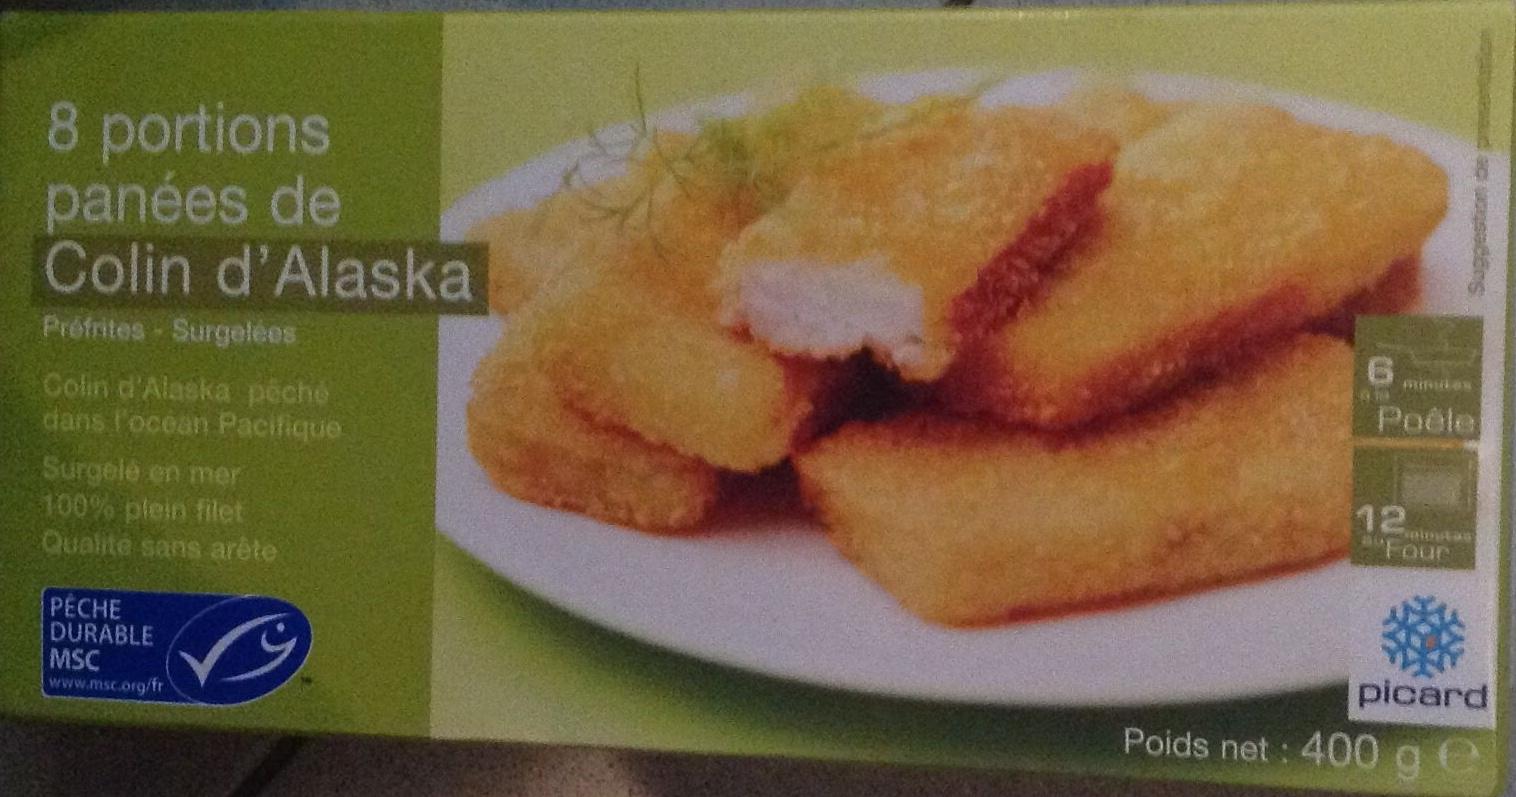 8 portions panées de Colin d'Alaska - Produit